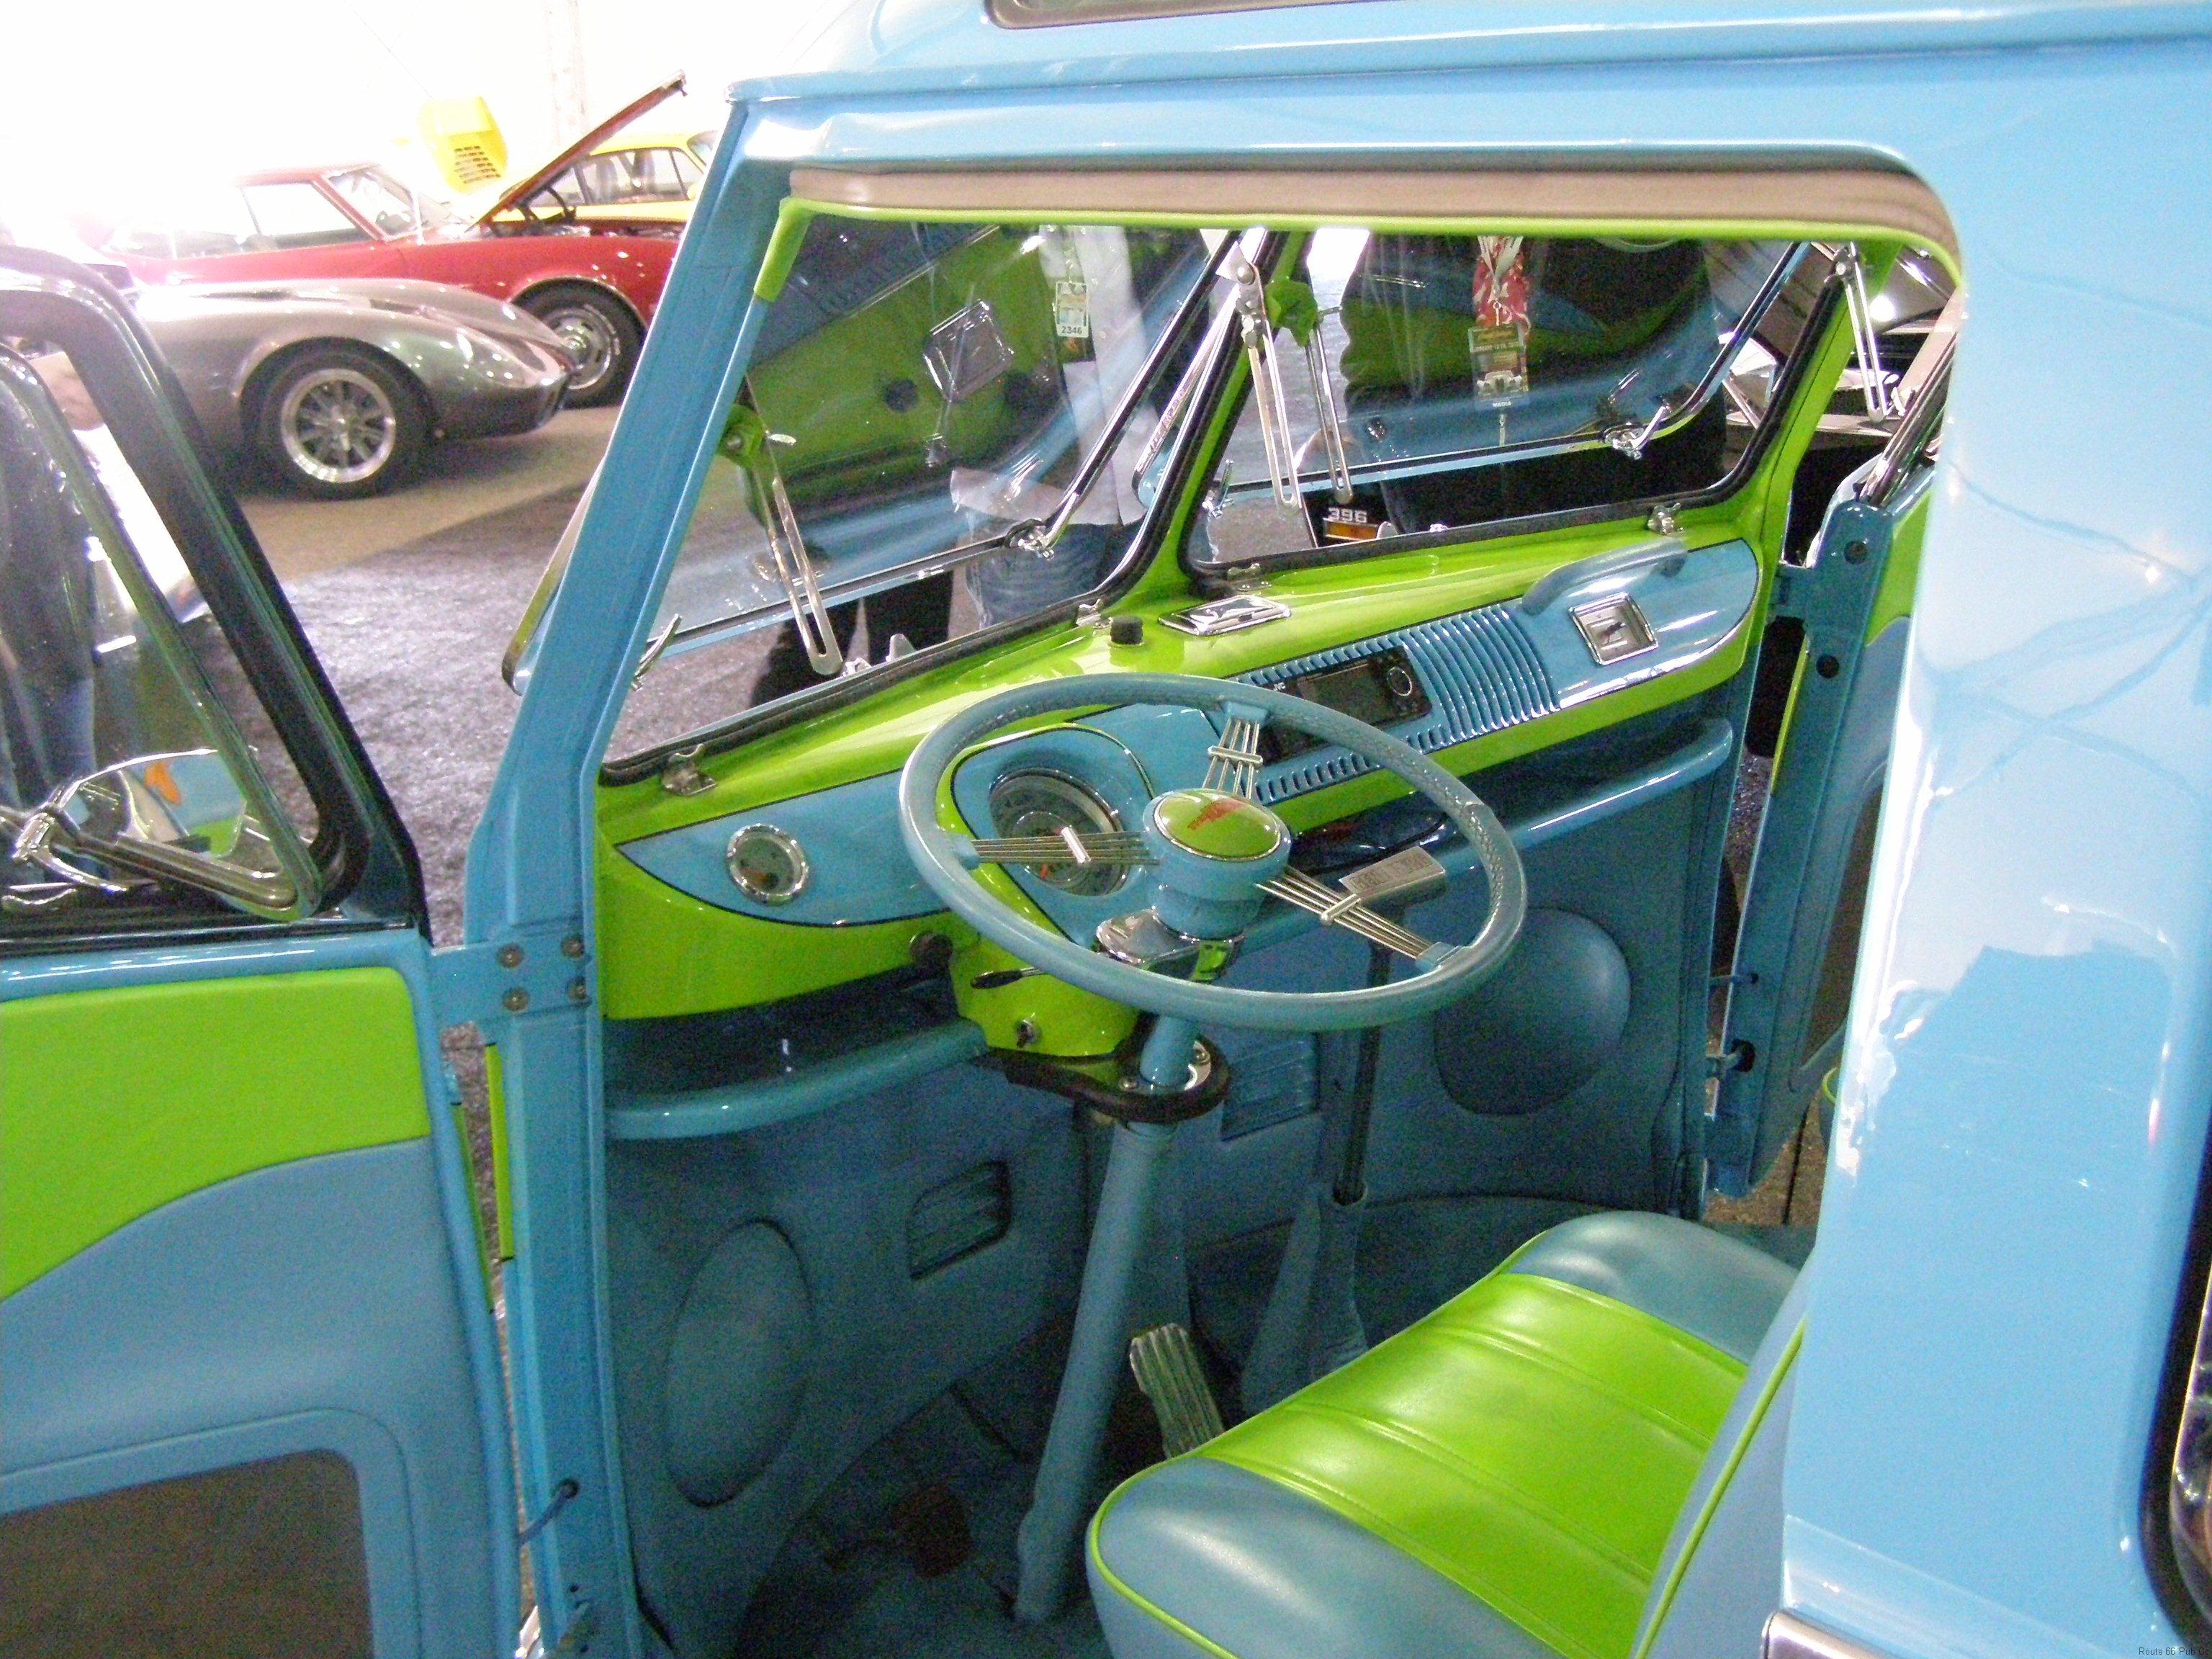 1967 Volkswagen driver's interior view